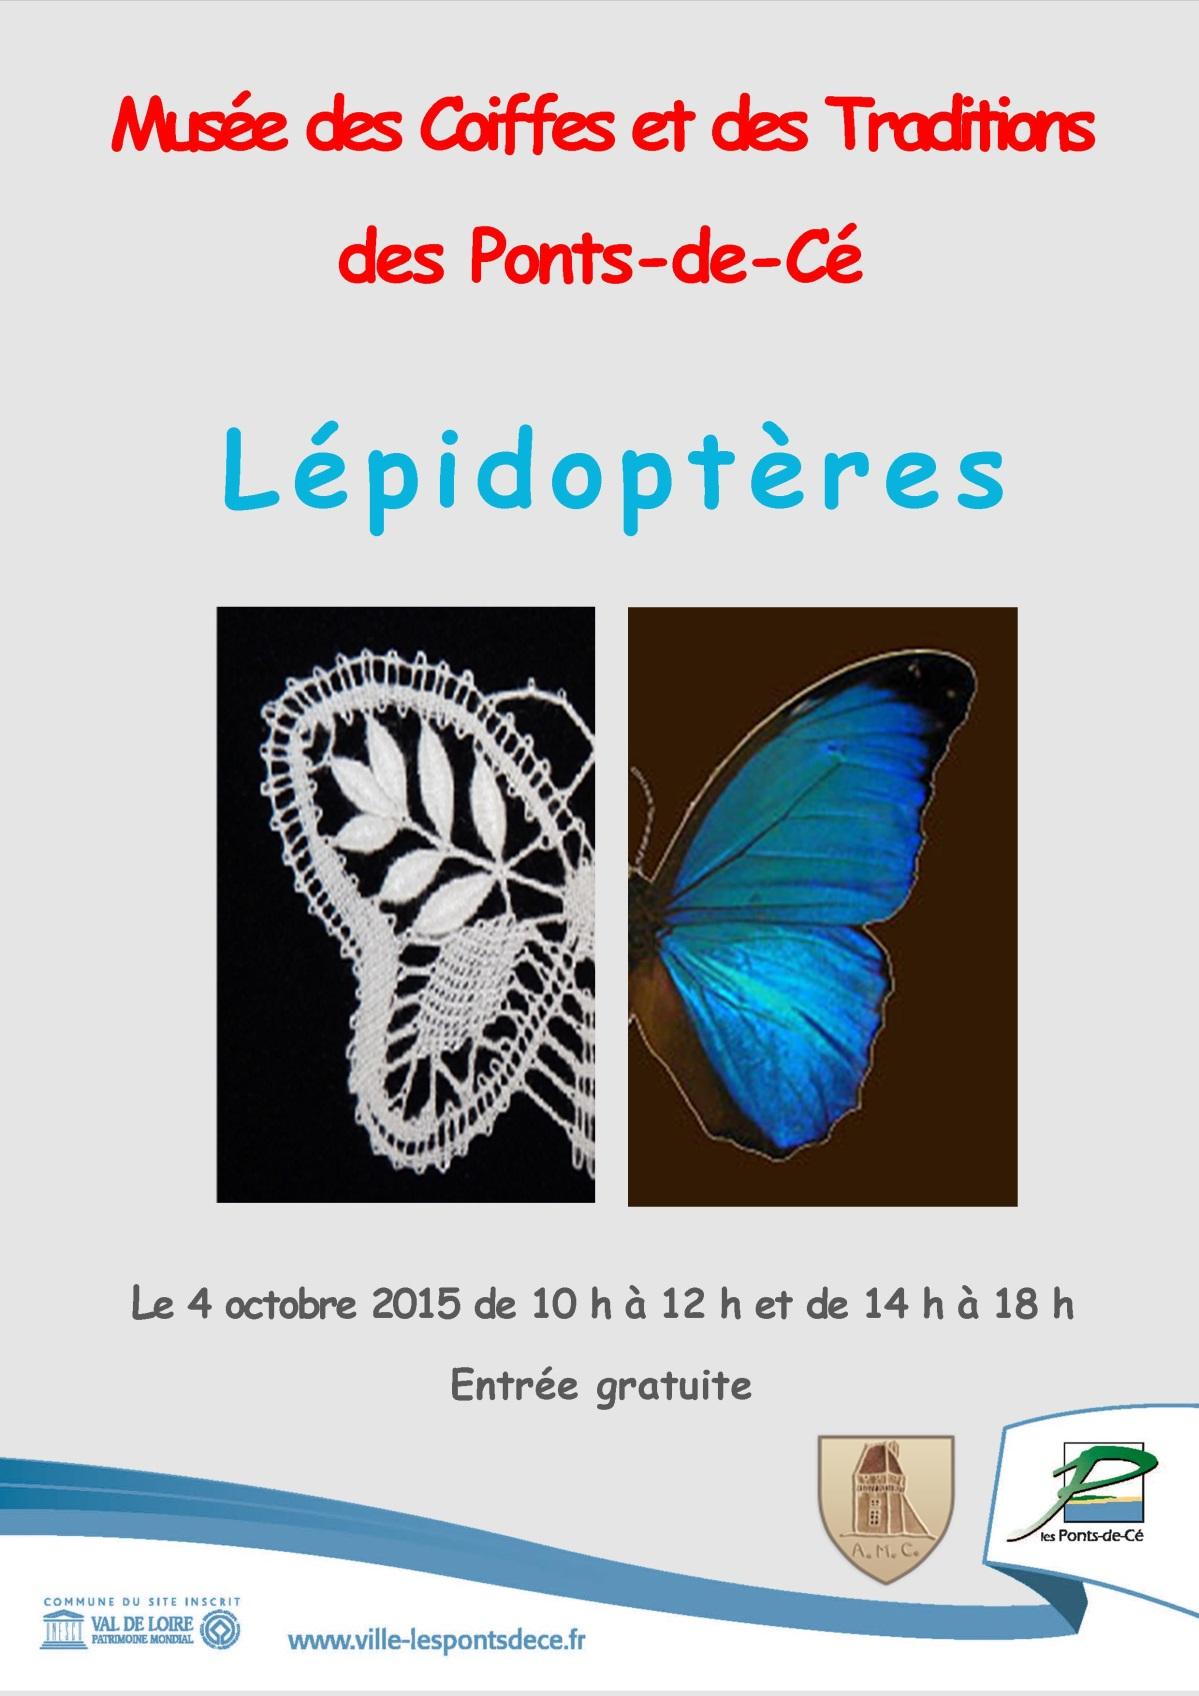 exposition Lépidoptères au musée des coiffes et des traditions le 4 octobre 2015